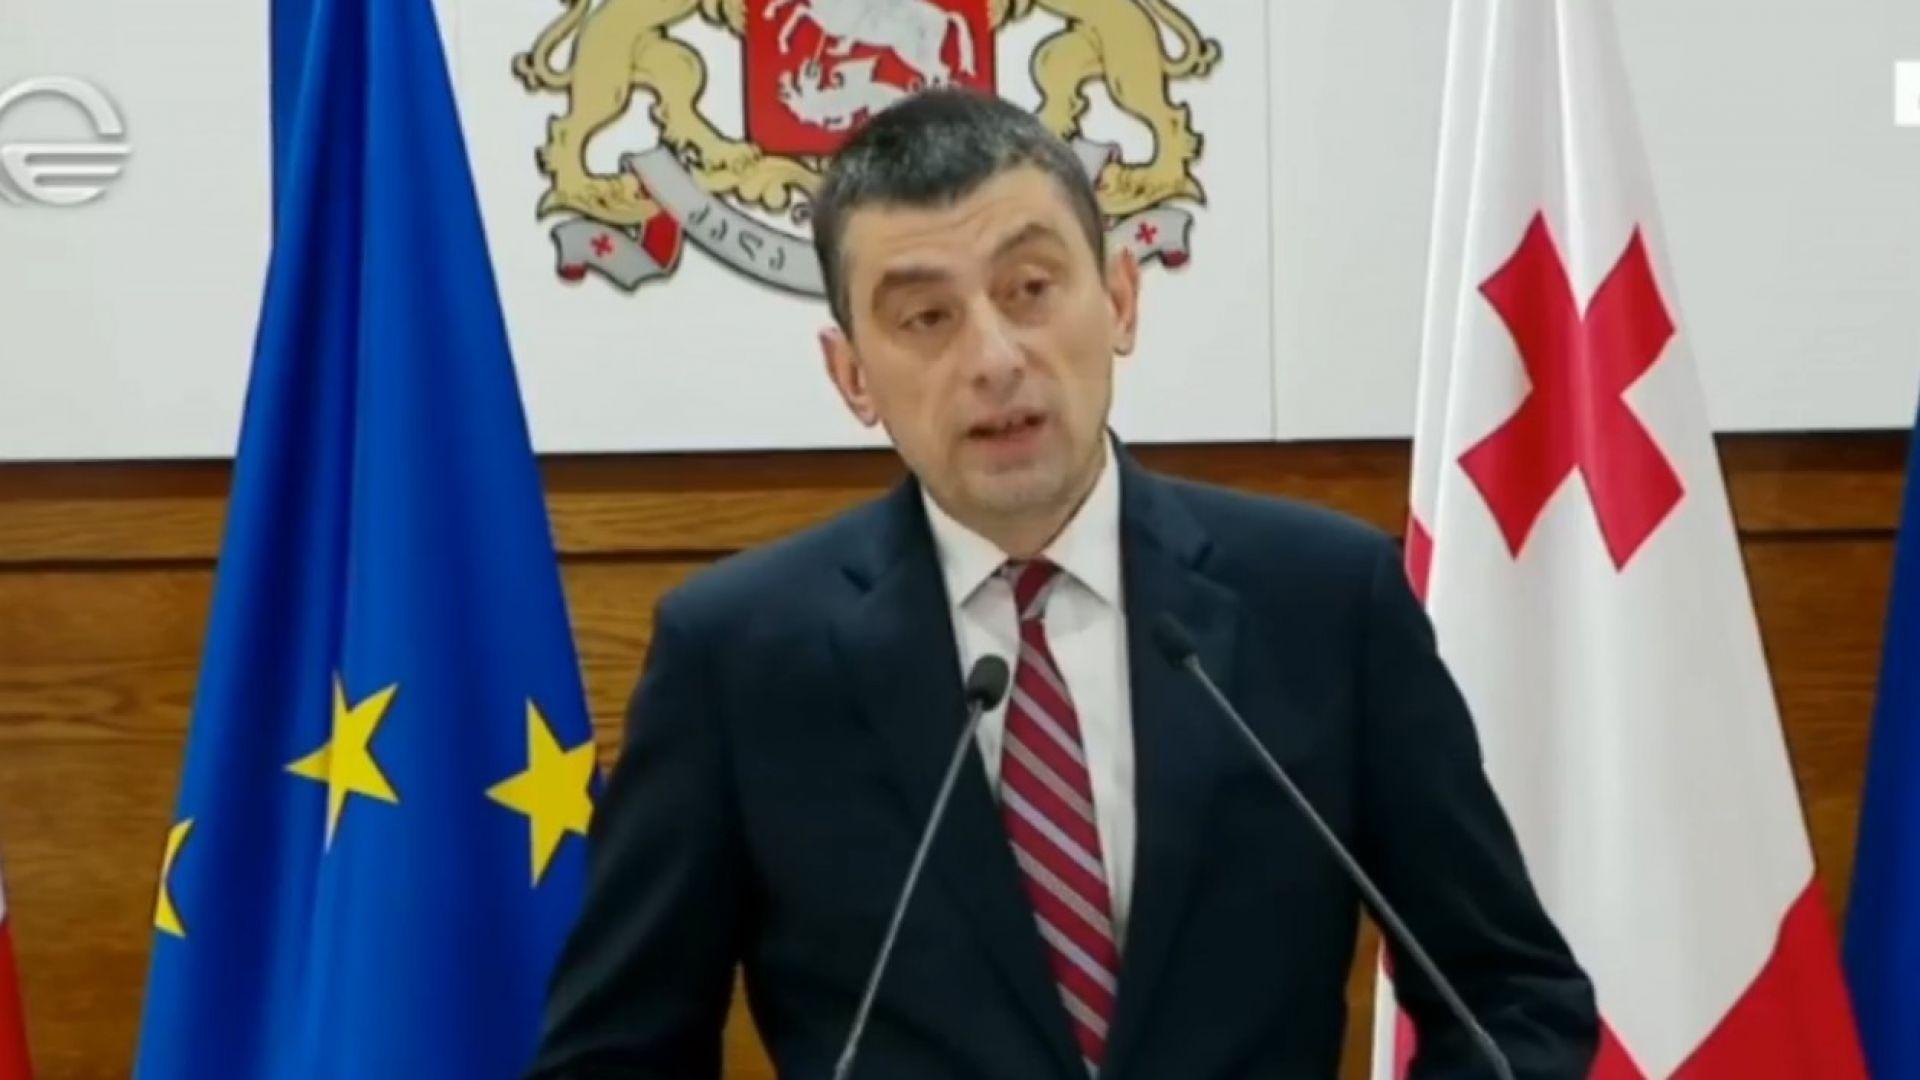 Опозицията в Грузия поиска предсрочни избори след оставката на премиера